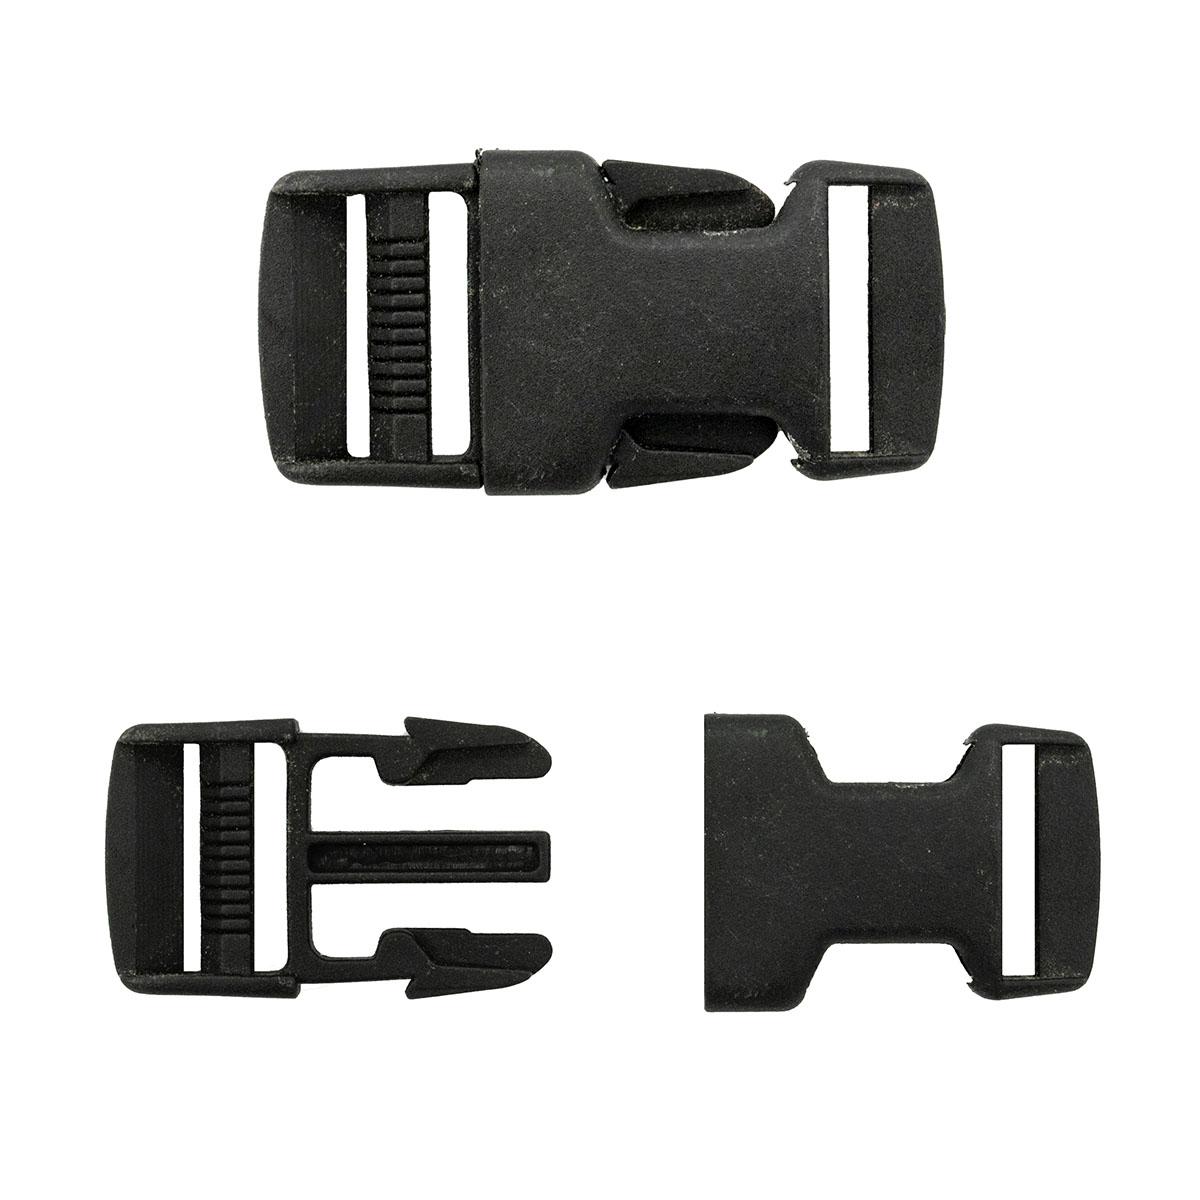 0323-0040 Фастекс, черный, 25 мм, Hobby&Pro